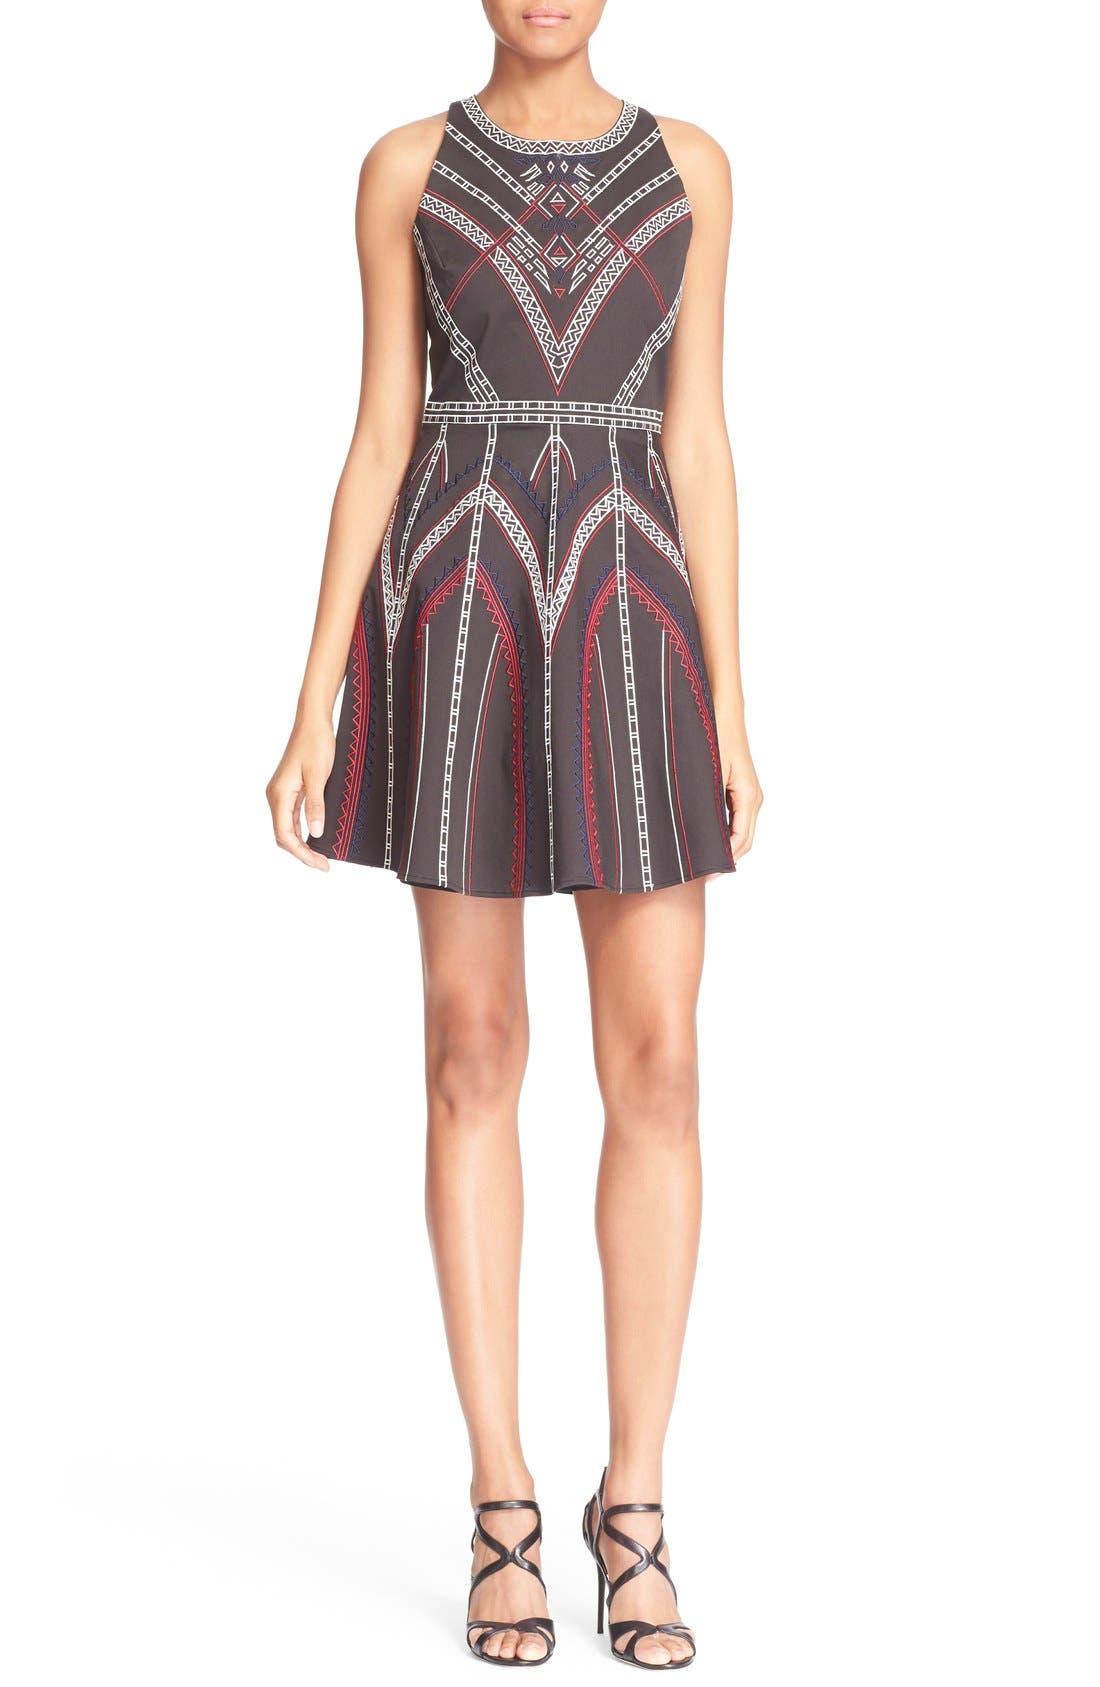 Alternate Image 1 Selected - Parker 'Garnet' Embroidered Fit & Flare Dress